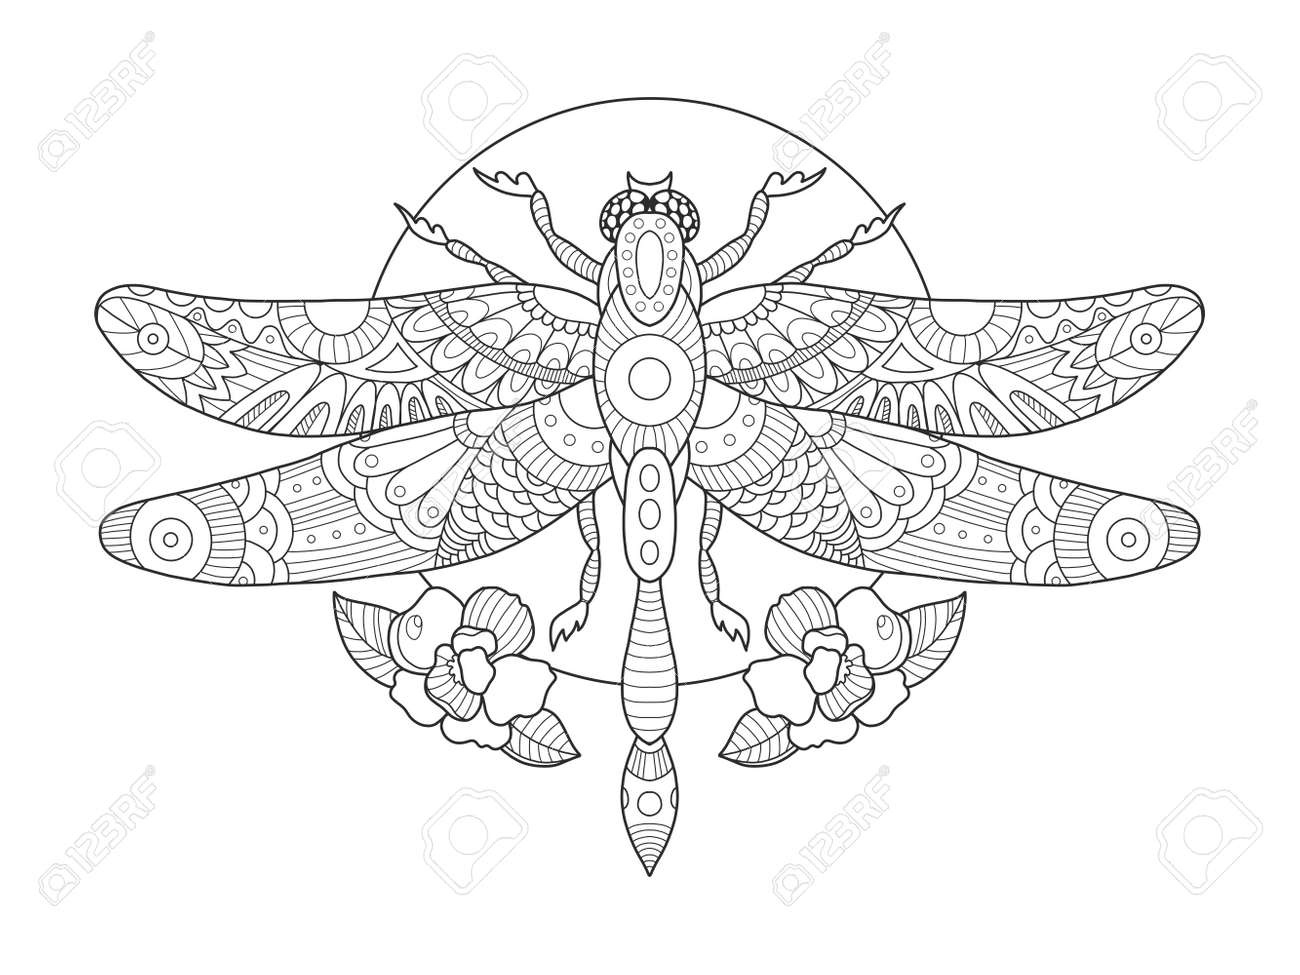 Großzügig Malvorlagen Libelle Fotos - Druckbare Malvorlagen ...